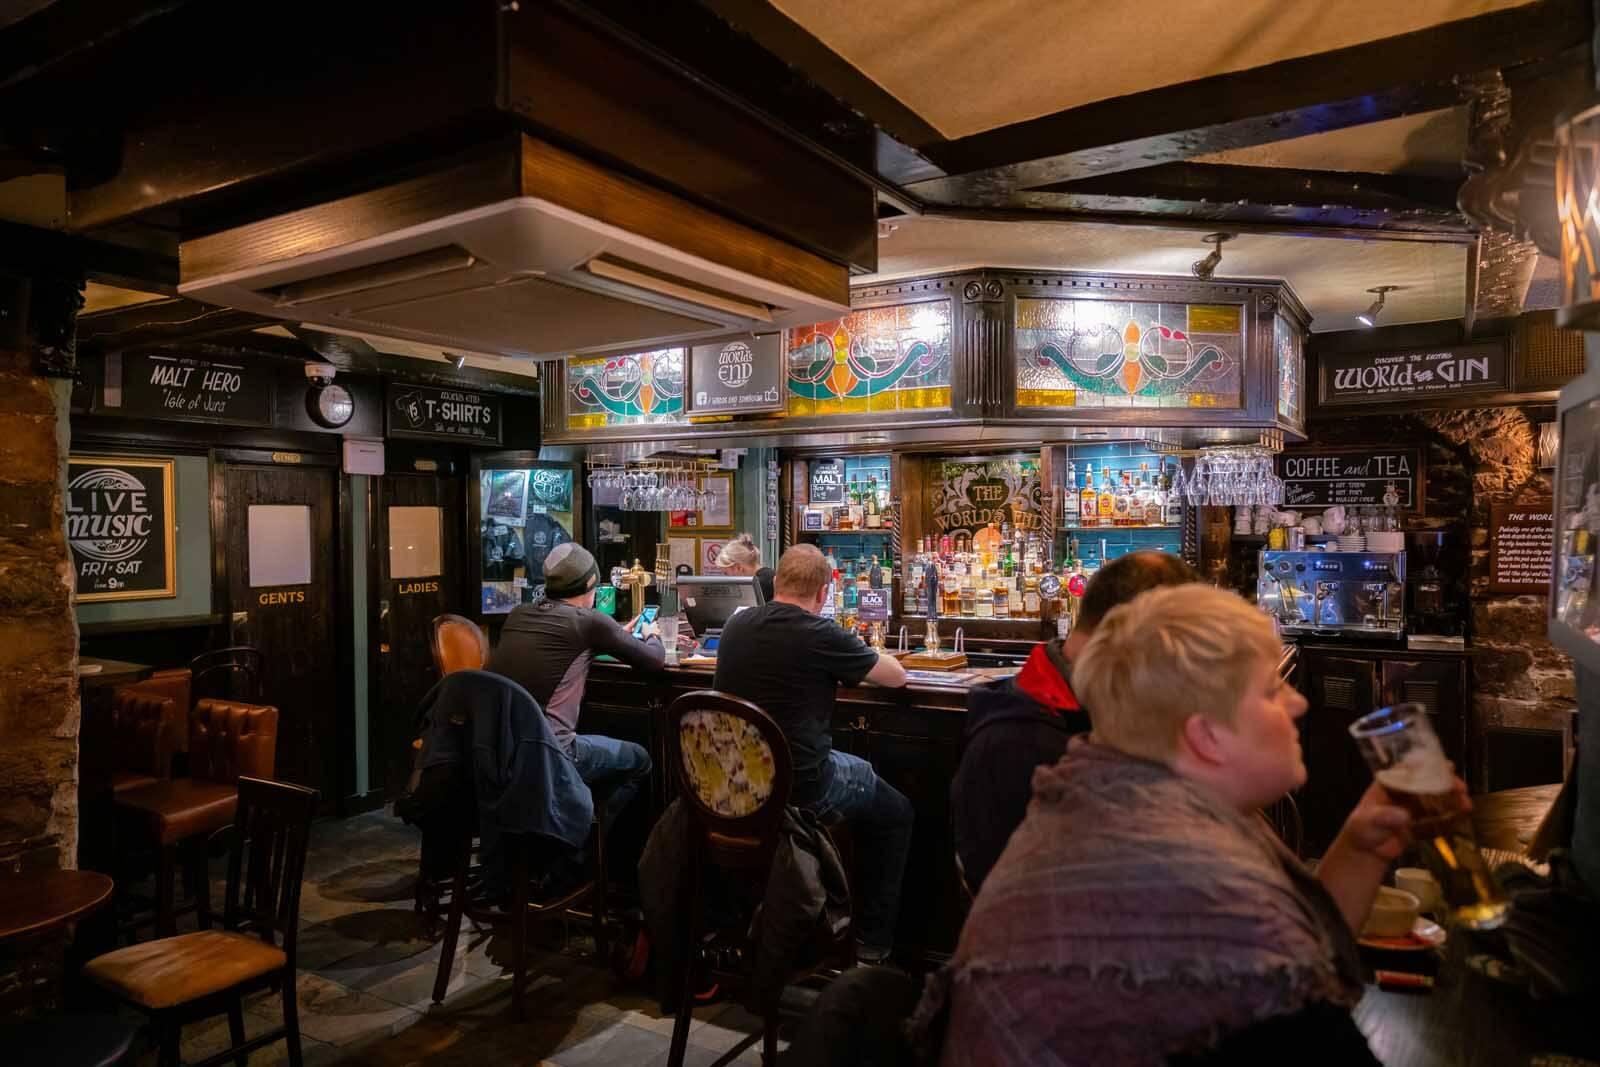 The Worlds End pub in Edinburgh